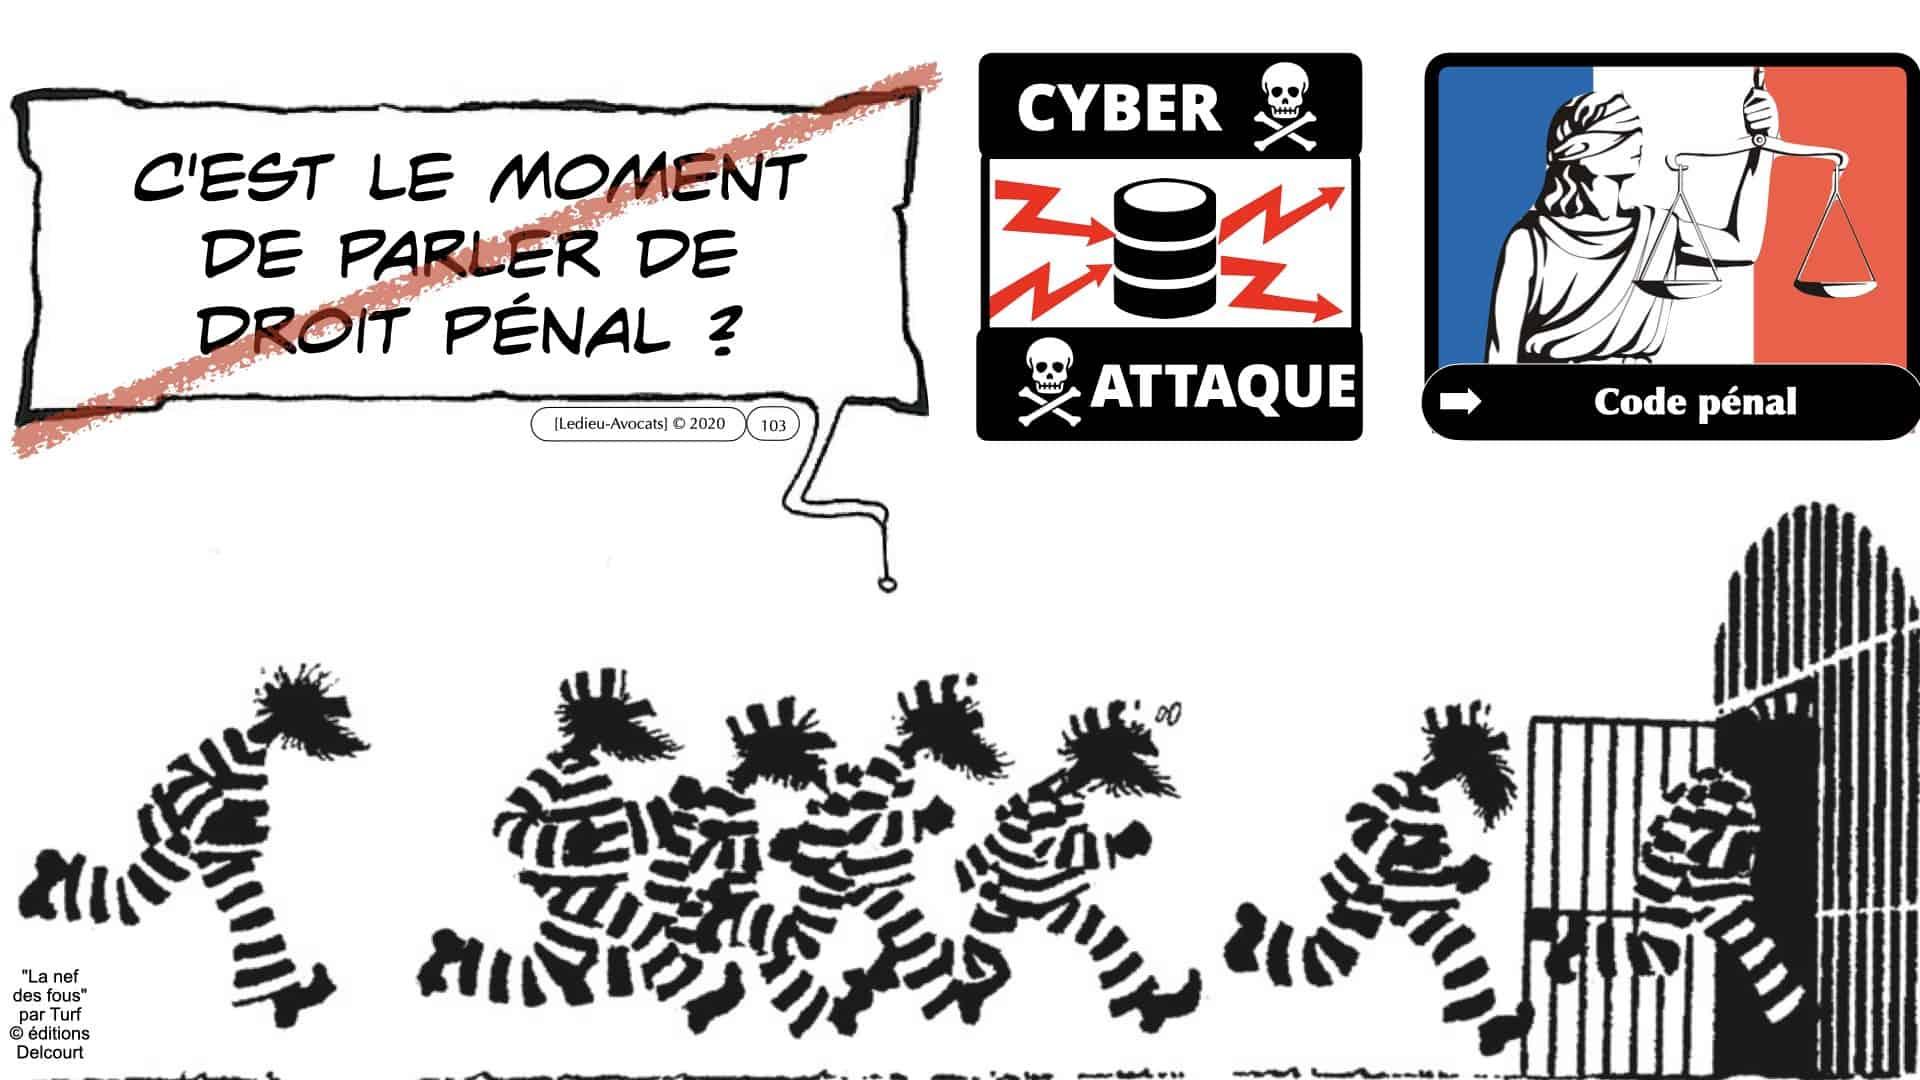 330 CYBER ATTAQUE © Ledieu-Avocats 09-03-2021.103